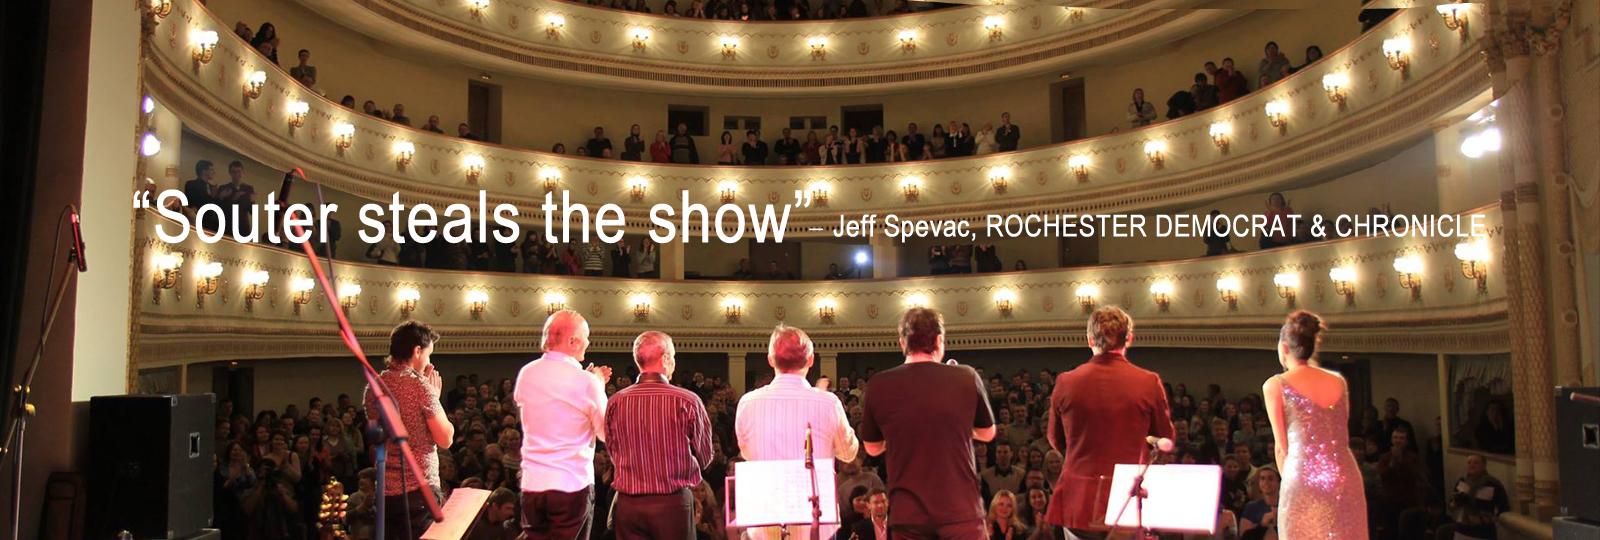 live reviews show